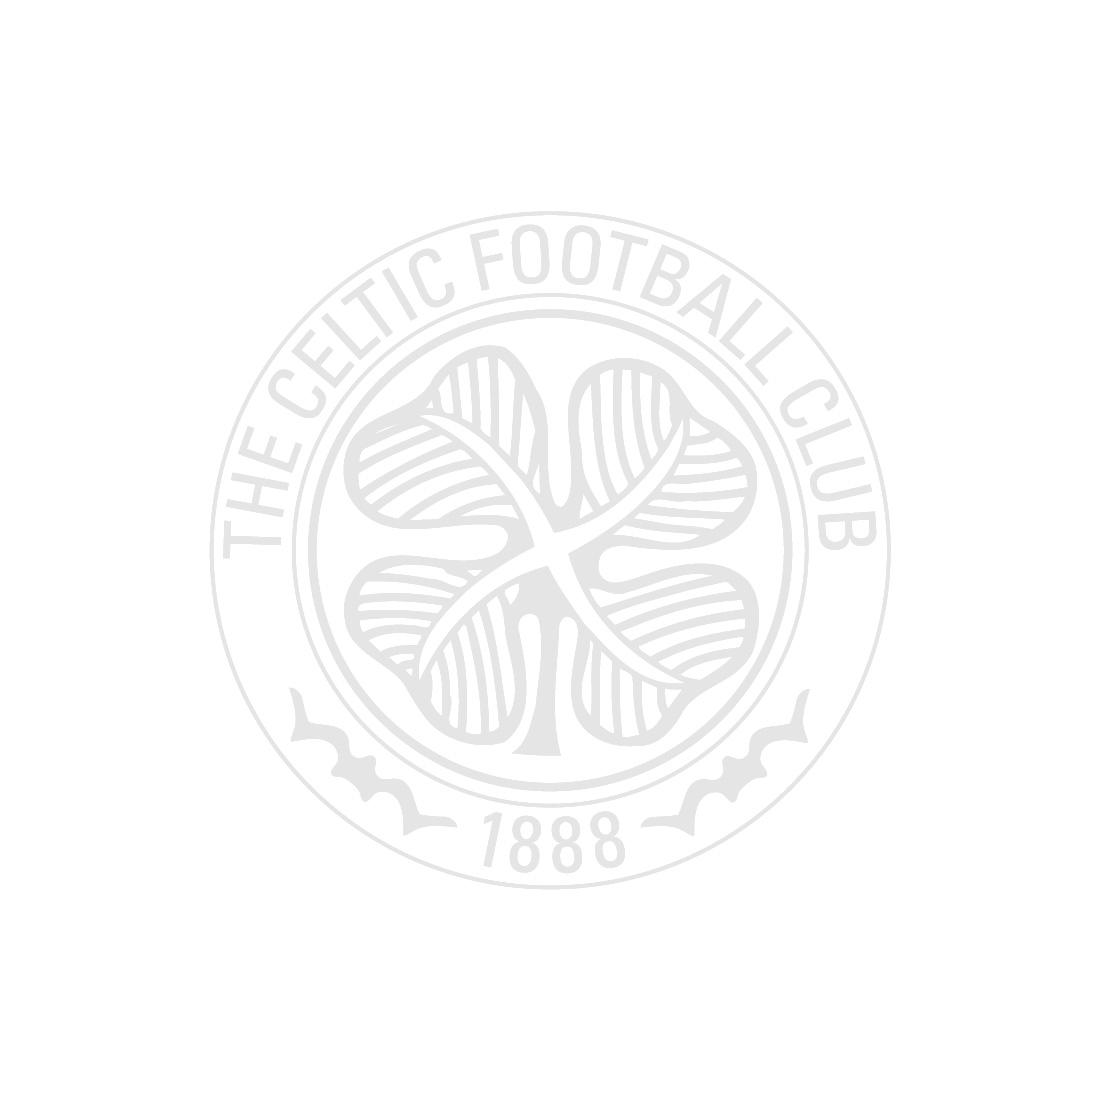 Celtic Tierney Megaphone T-shirt